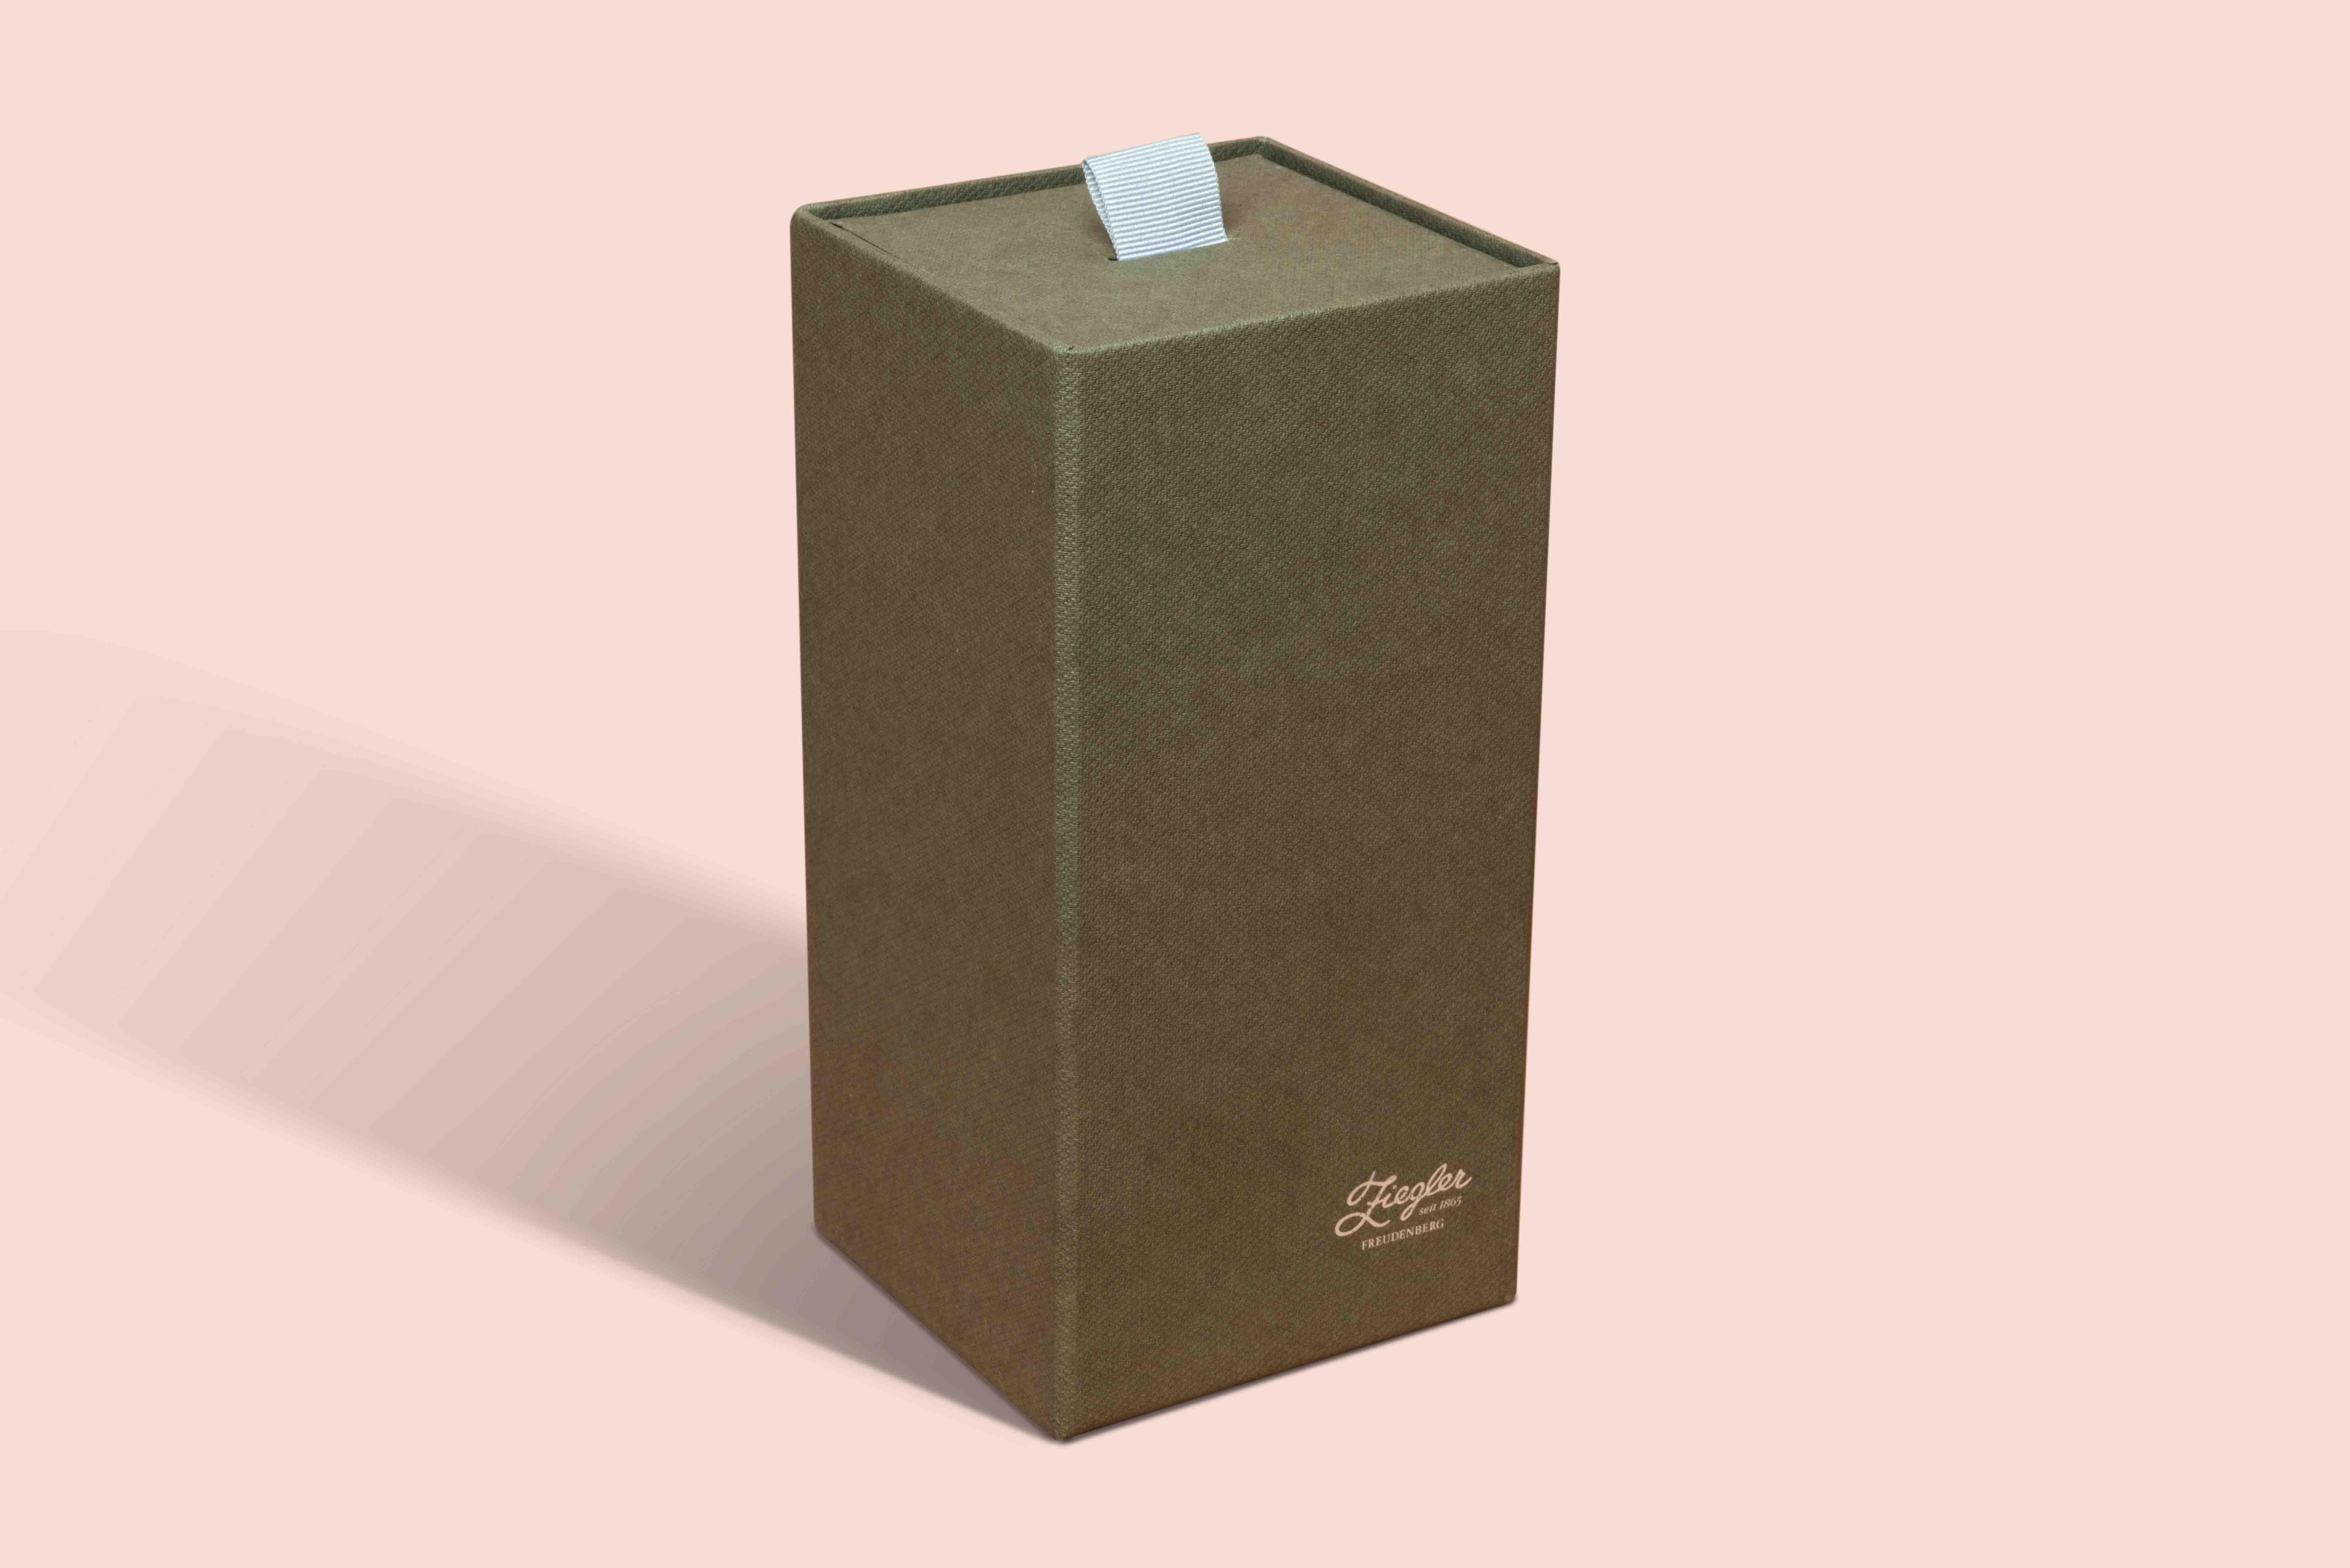 Schuberkartonage - die besondere Verpackung